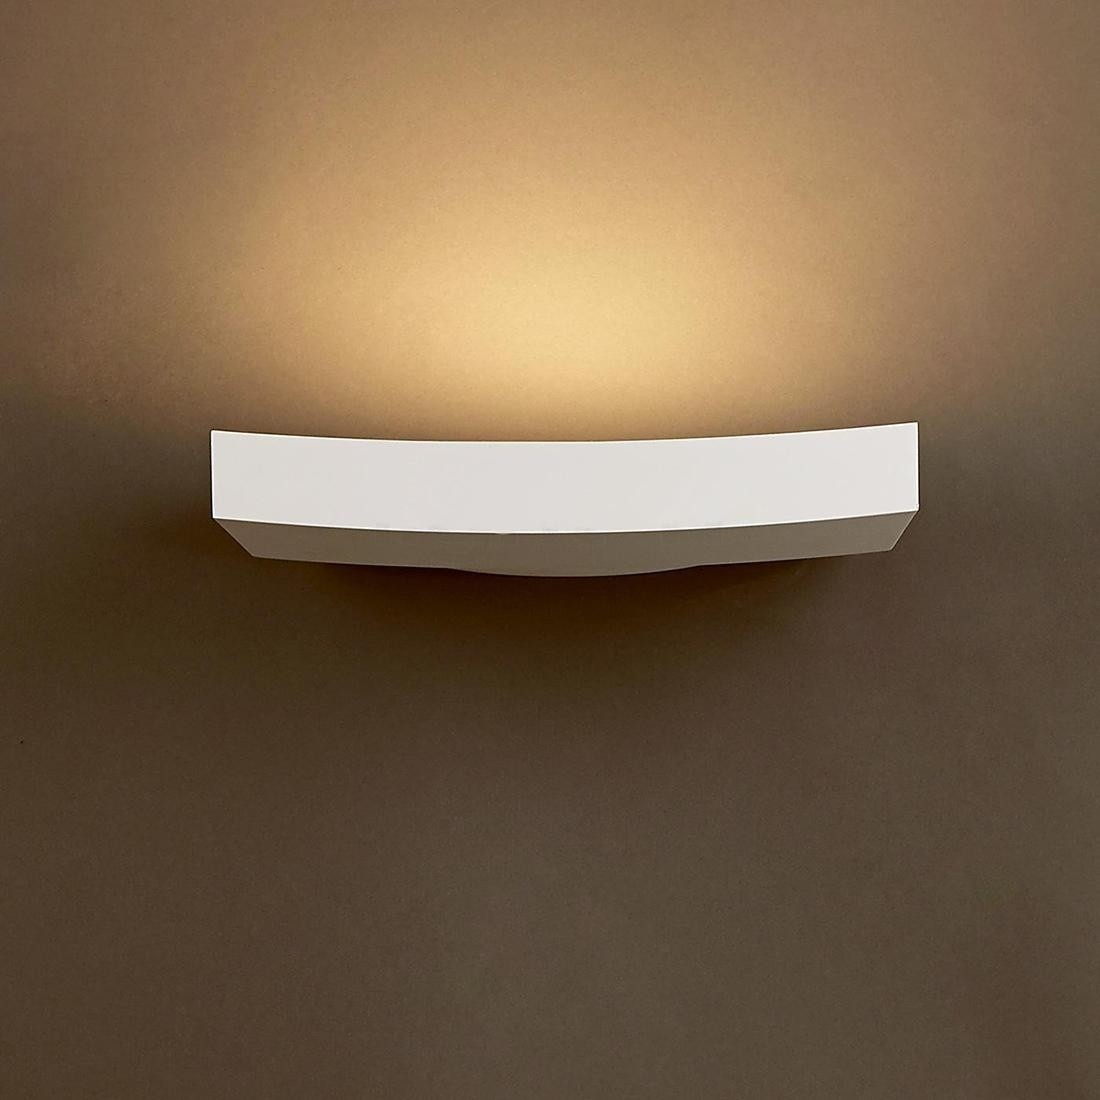 artemide surf wall wandleuchte artemide. Black Bedroom Furniture Sets. Home Design Ideas